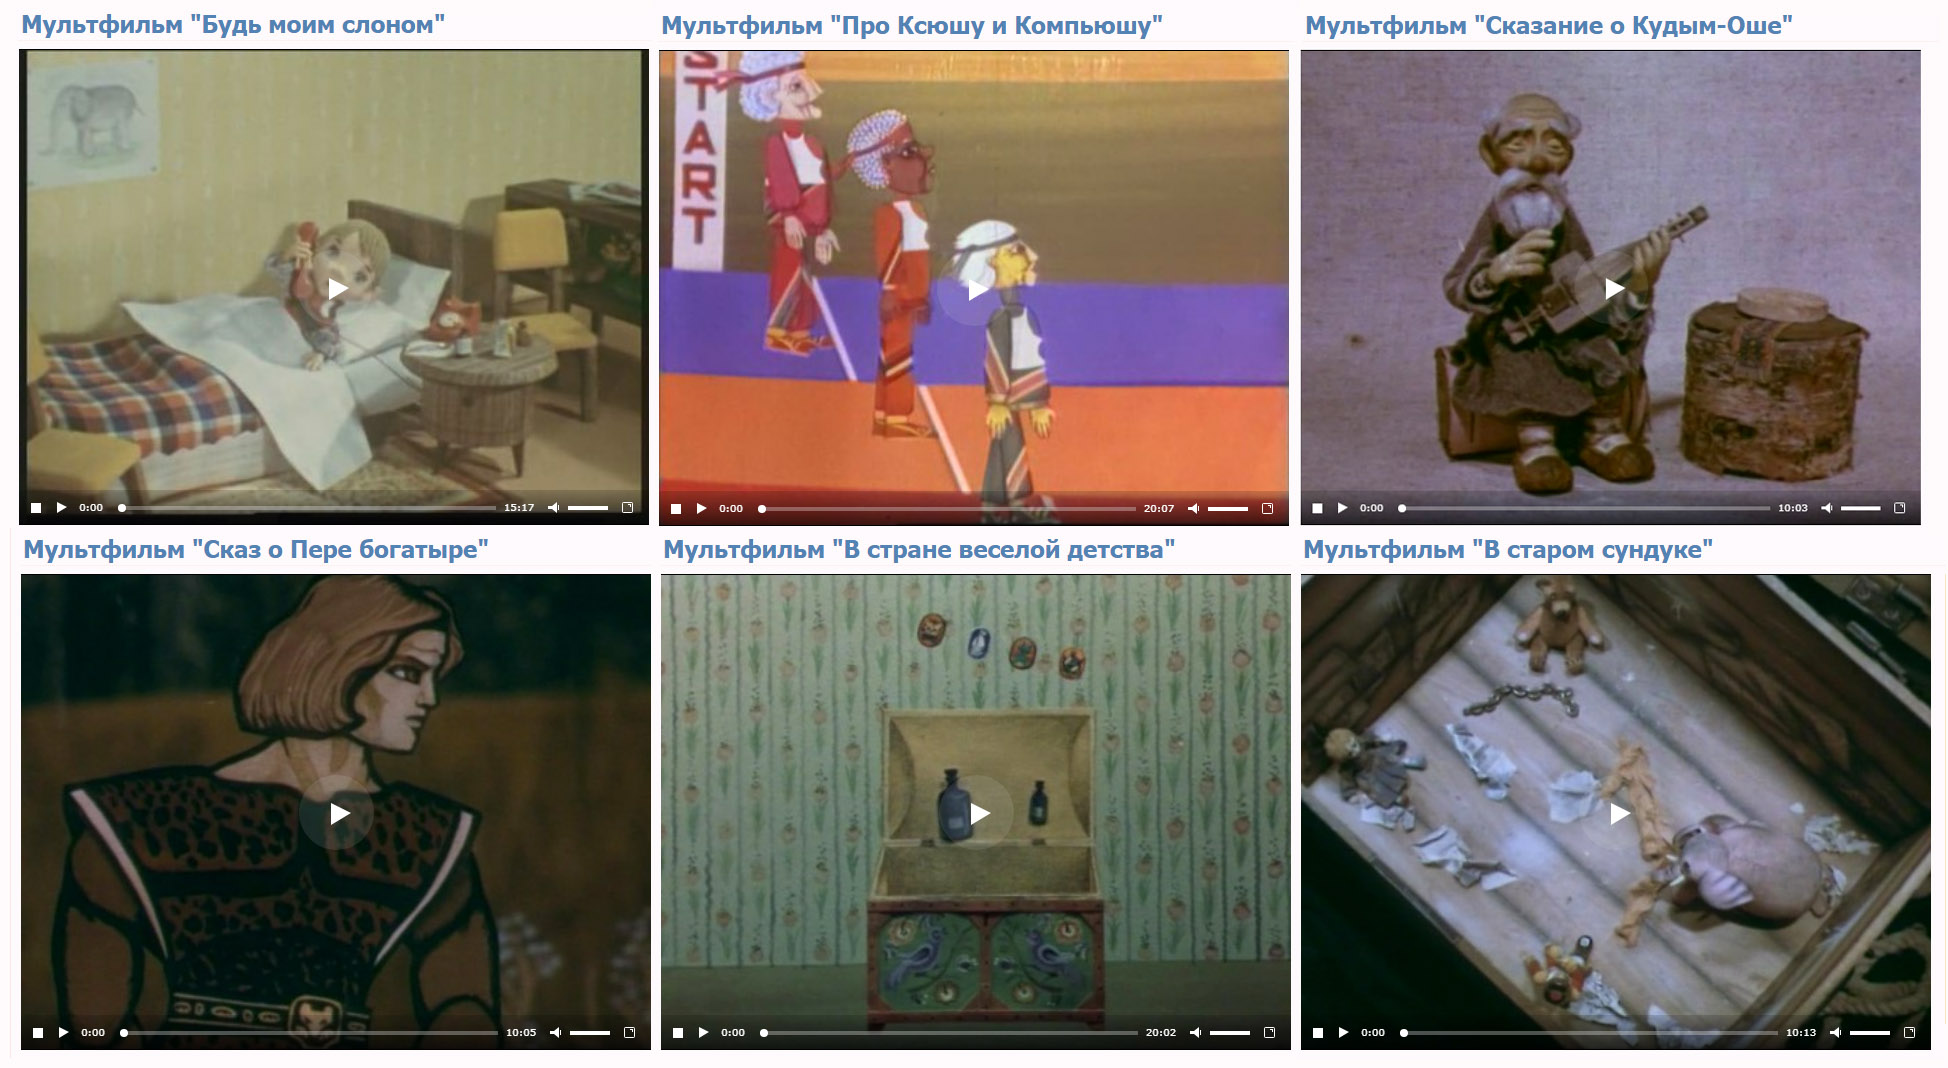 Вся правда про советские мультики. мультфильмов, мультики, можно, мультиков, несколько, советской, годных, мультфильмы, десятков, советские, который, студии, студия, мультипликации, советских, действительно, такой, вроде, времена, больше